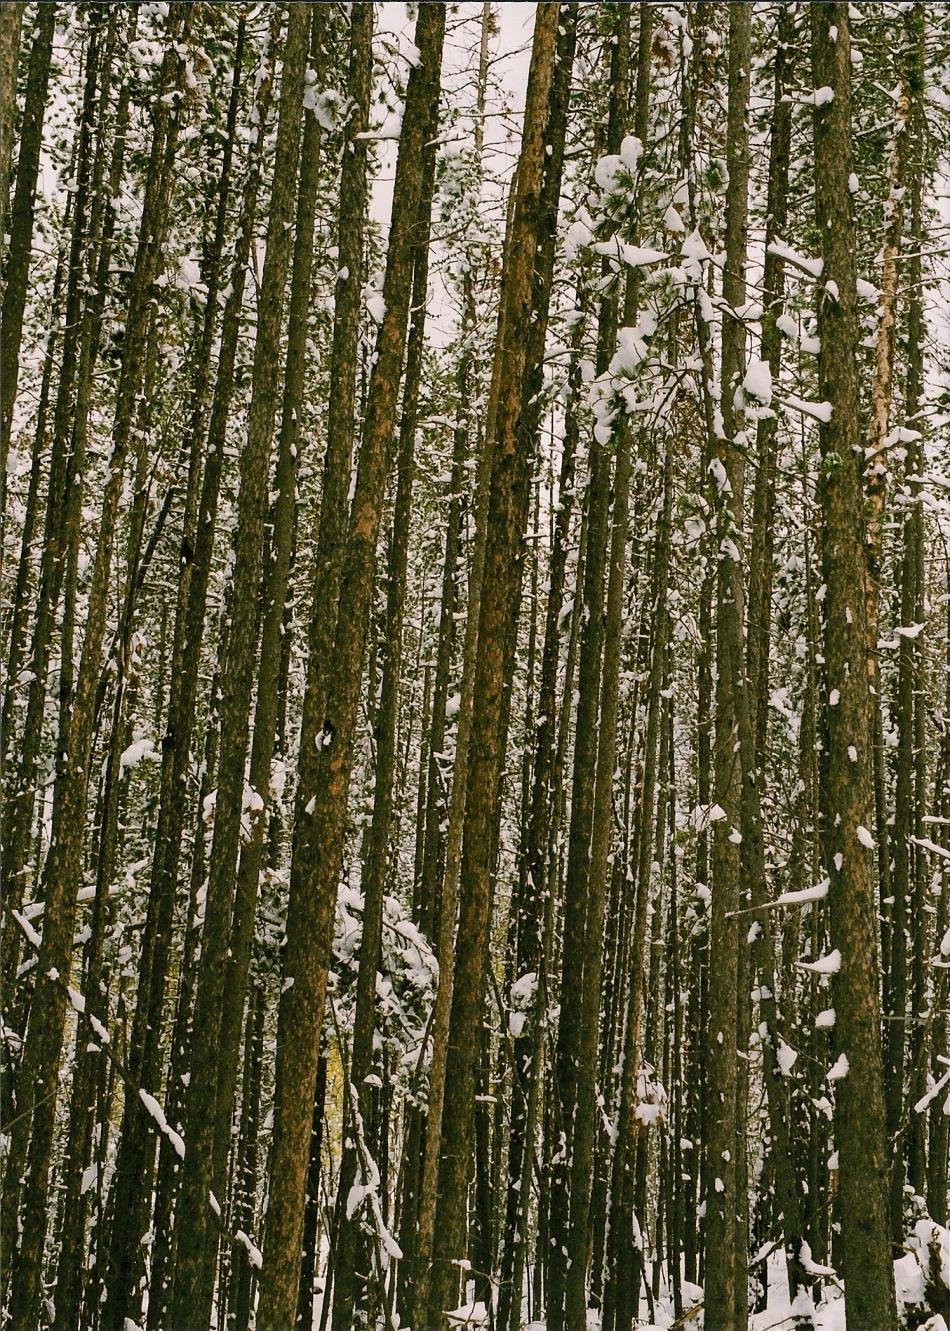 SNOWY WOODS MONTANA 5